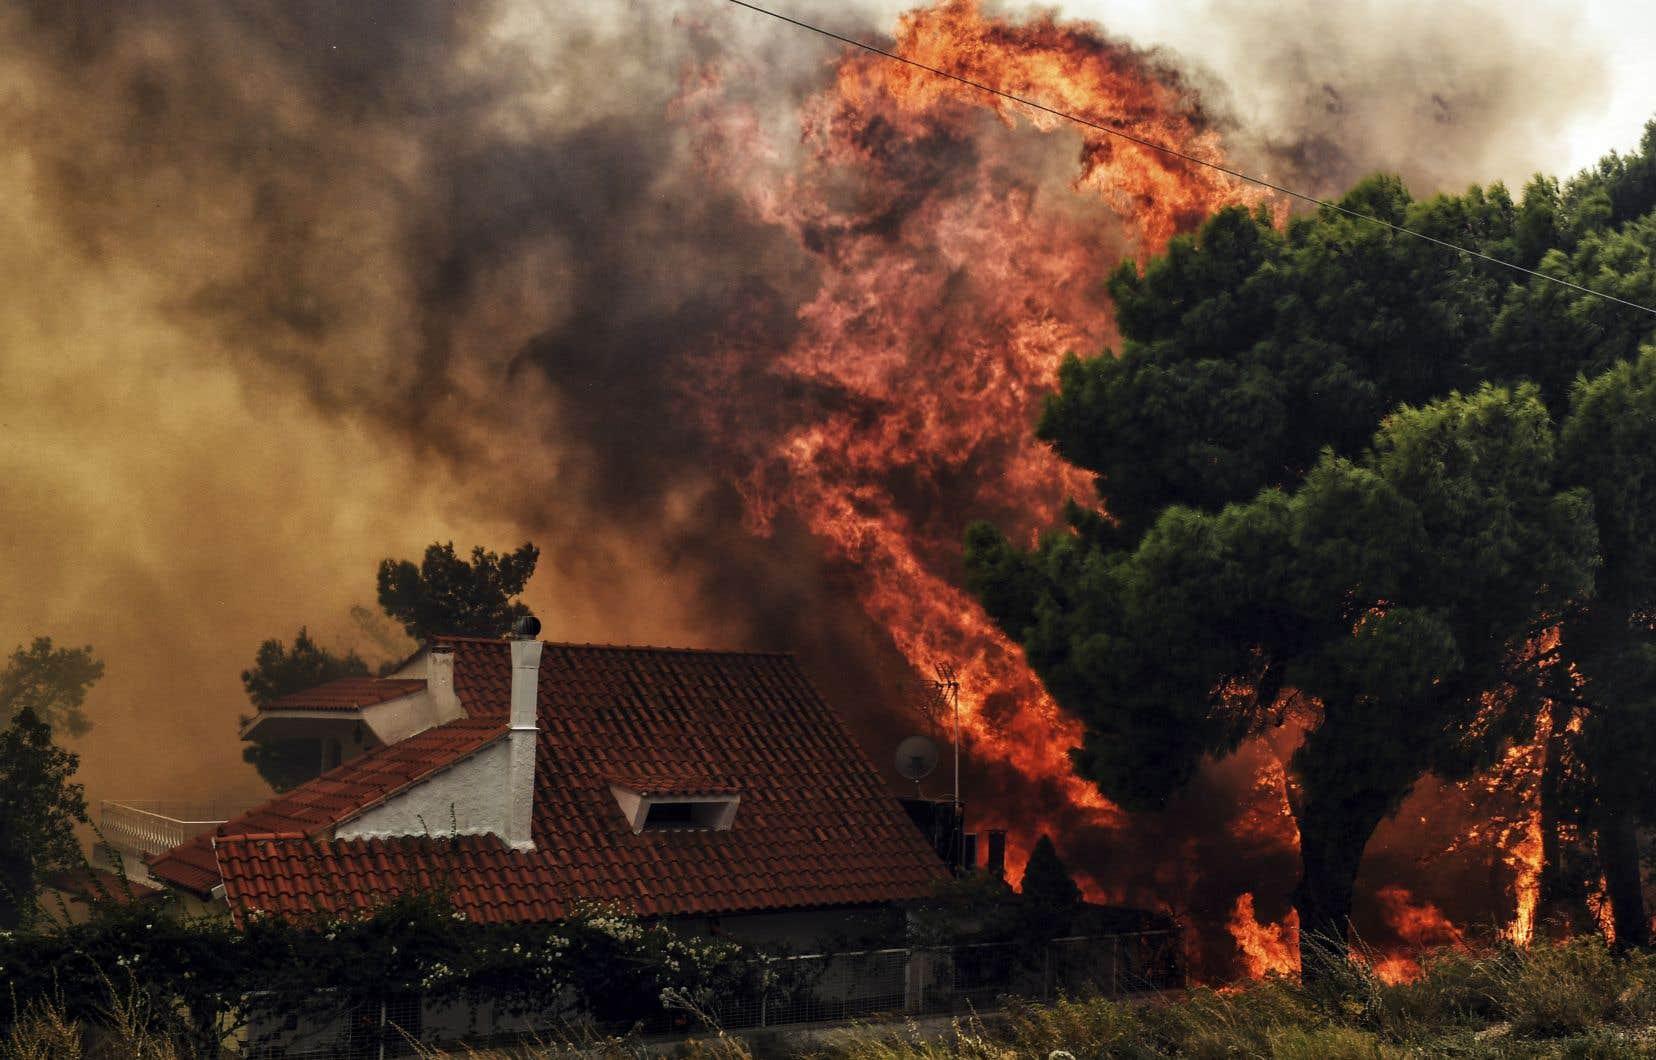 Les flammes ont poussé les habitants sur les routes dans la panique, et endommagé de nombreux bâtiments.